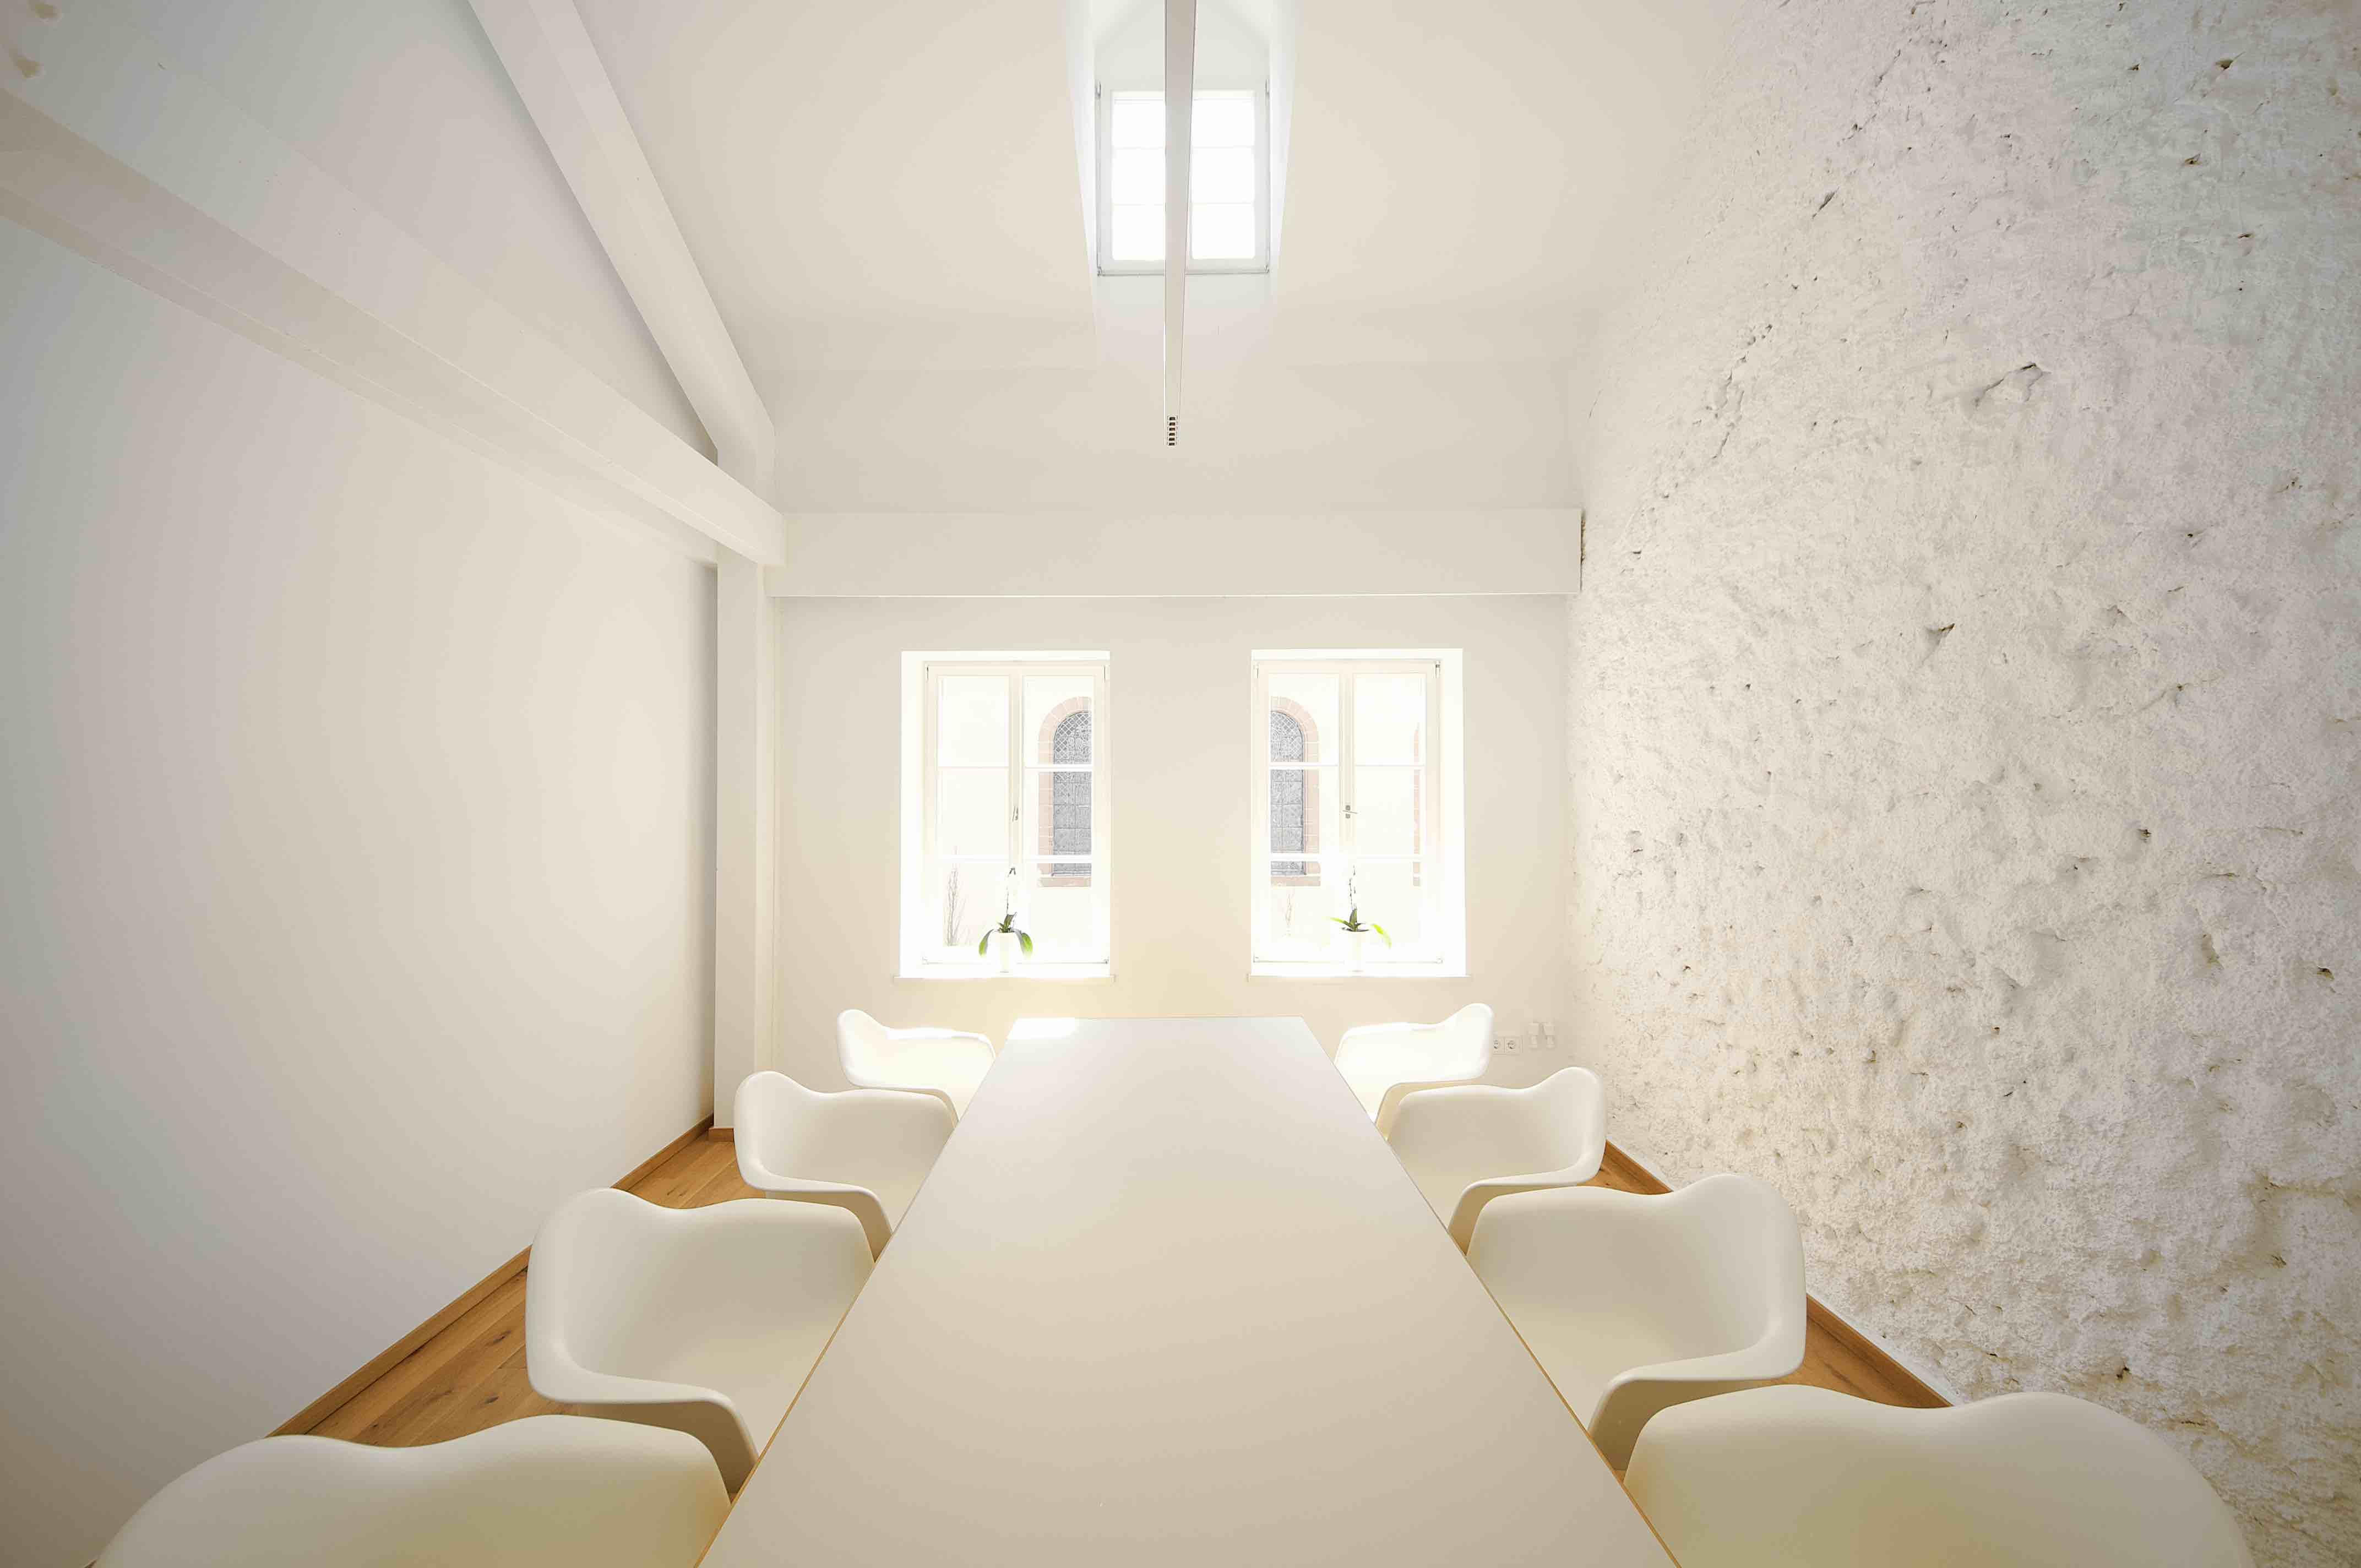 ARCHITEKTENBUERO Büro in Remich Besprechungsraum 2